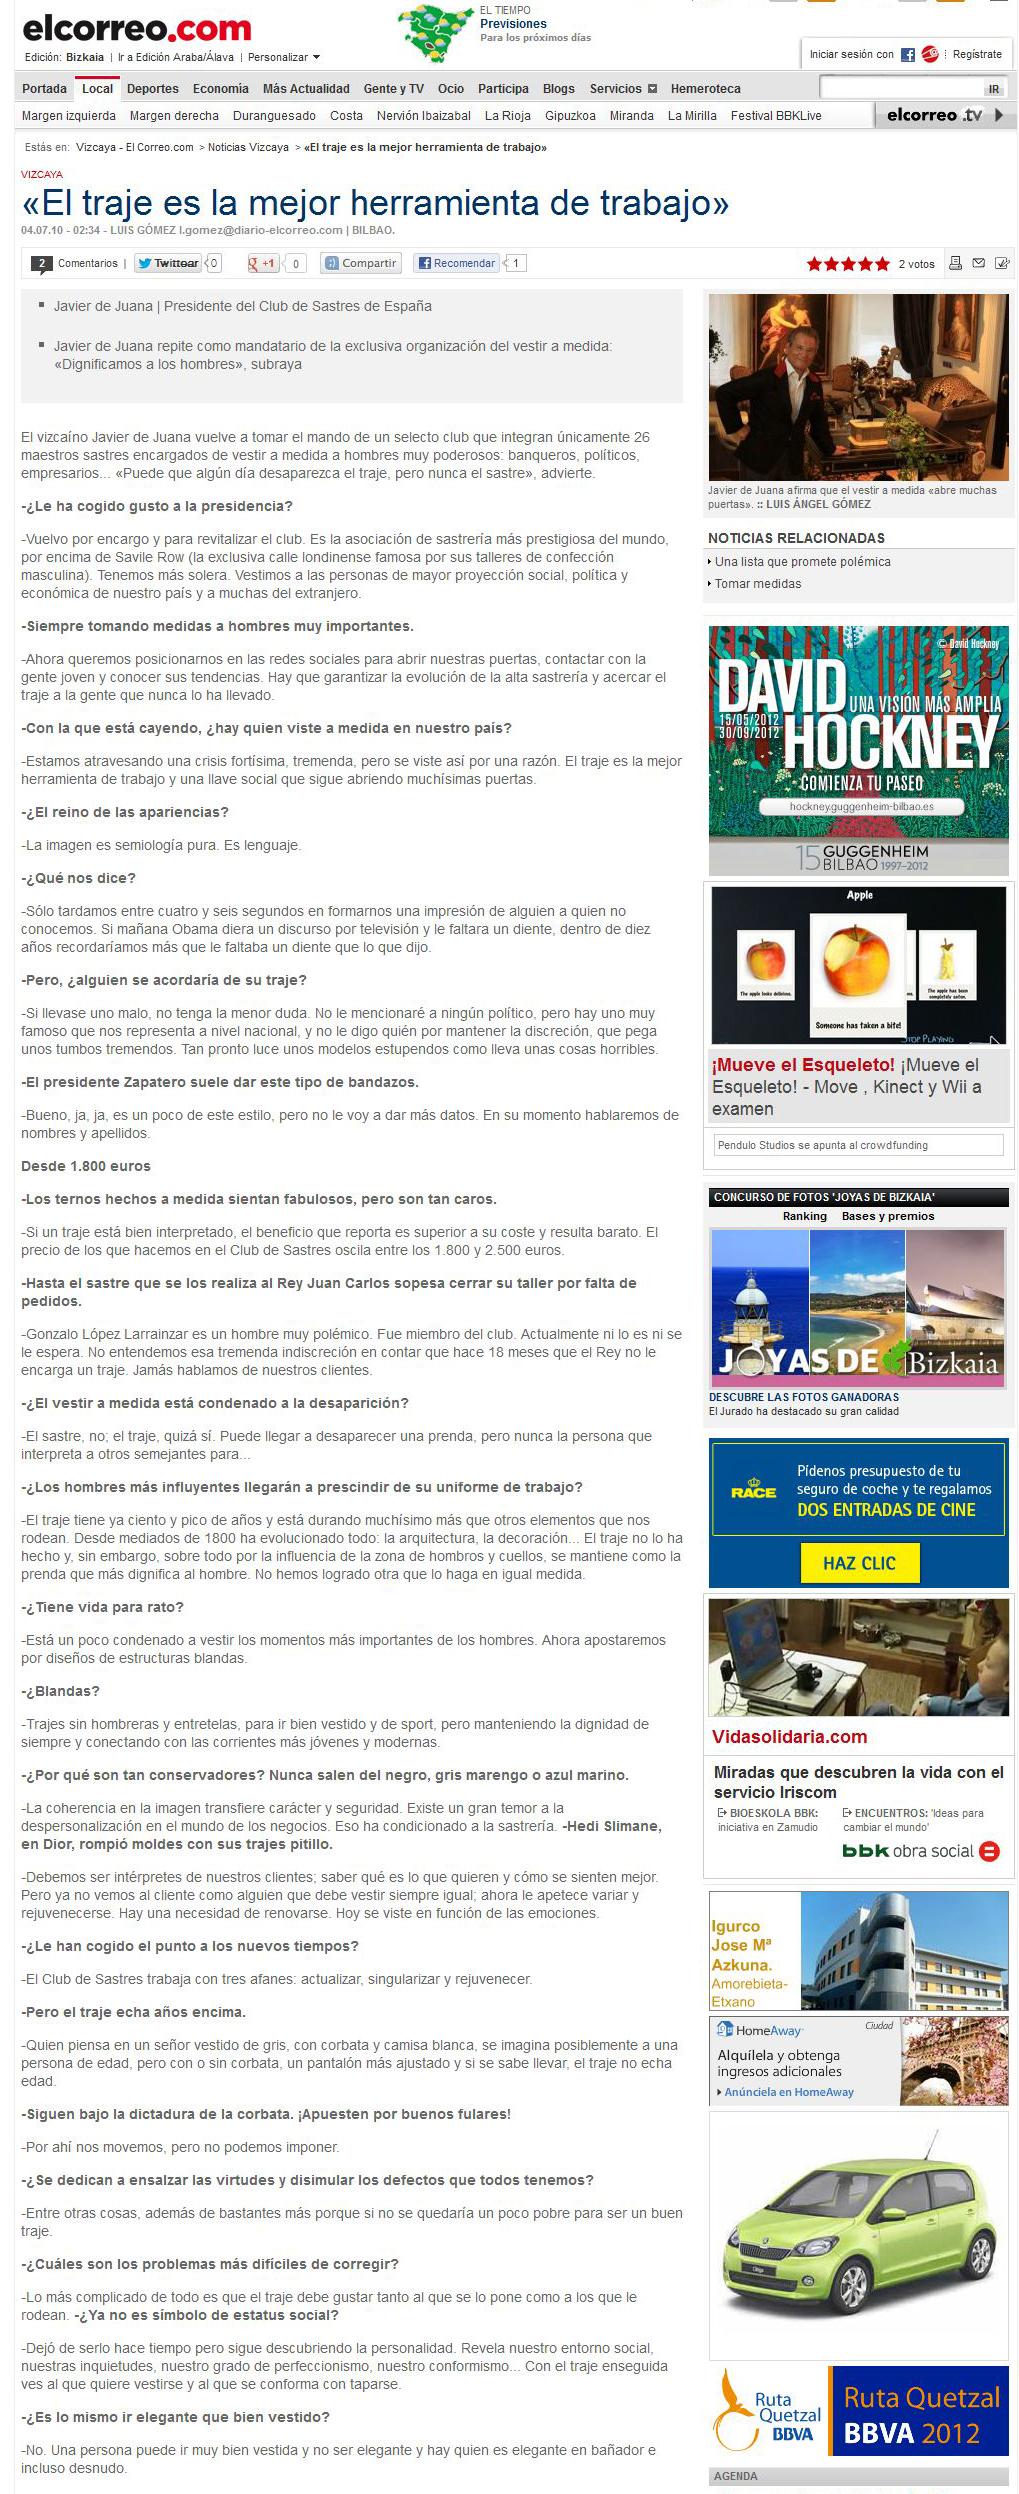 Entrevista El Correo 2 - Javier de Juana